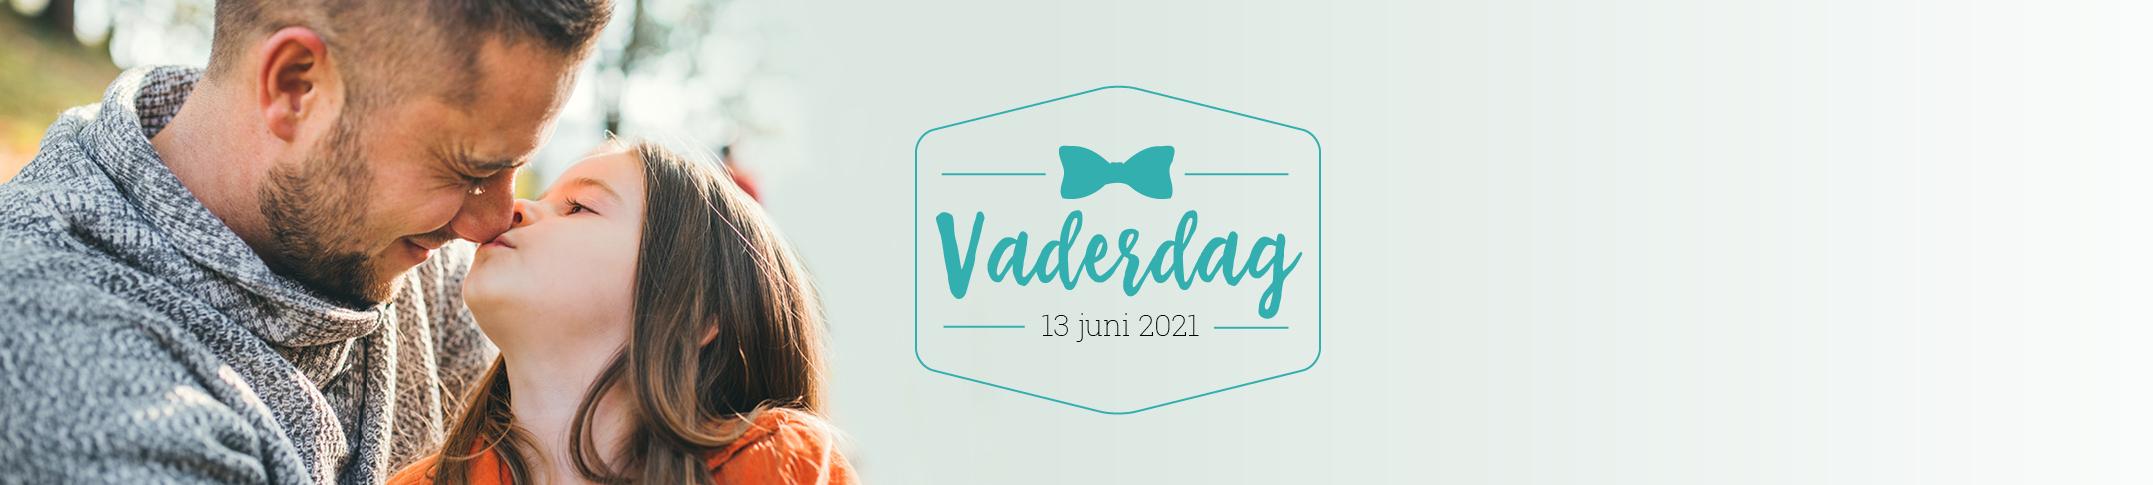 Vaderdag 2021 cadeau-idee